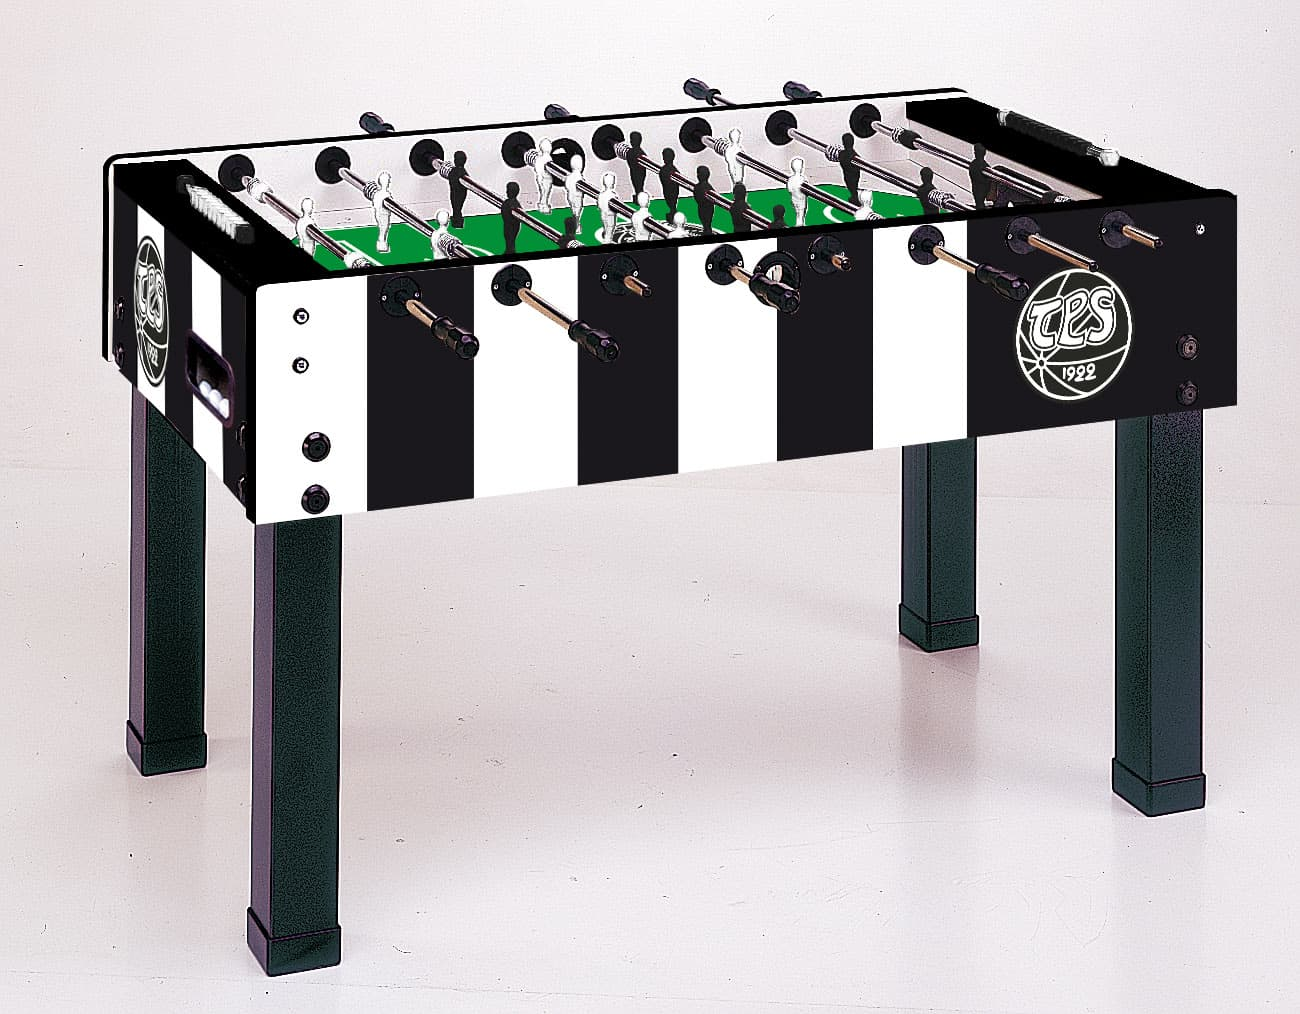 TPS pöytäjalkapallo - Virallinen antaa poikien pelata pöytä